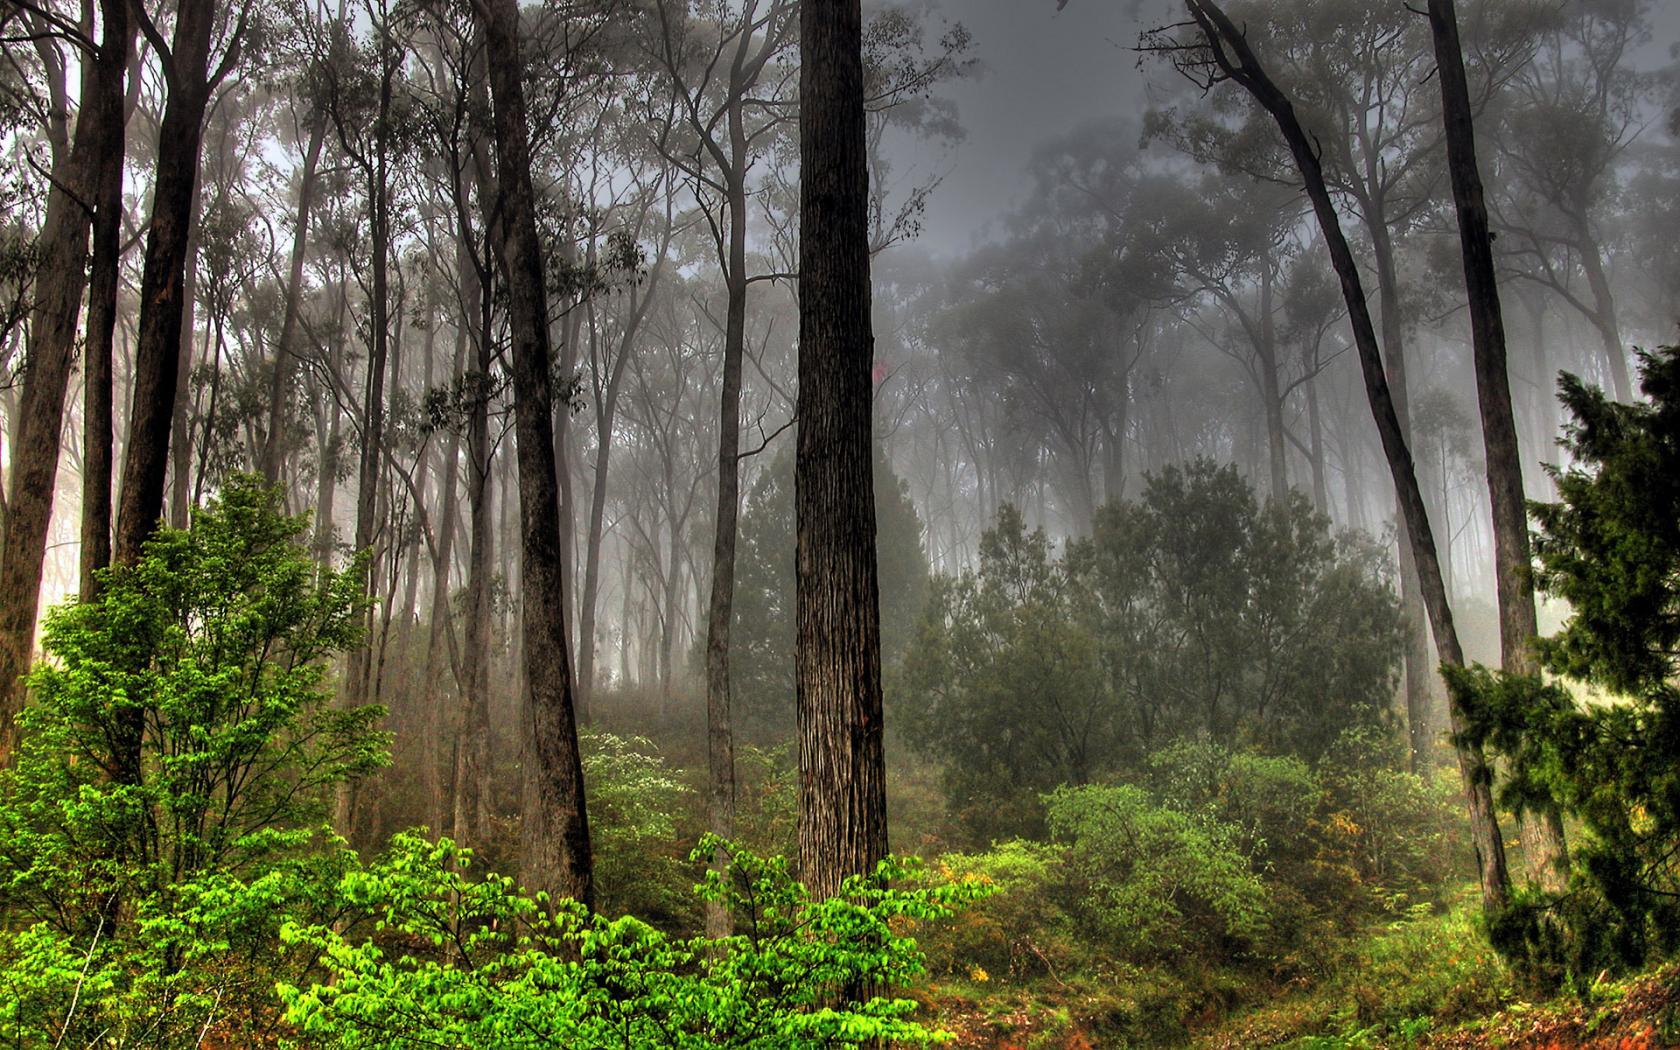 фотографии леса: